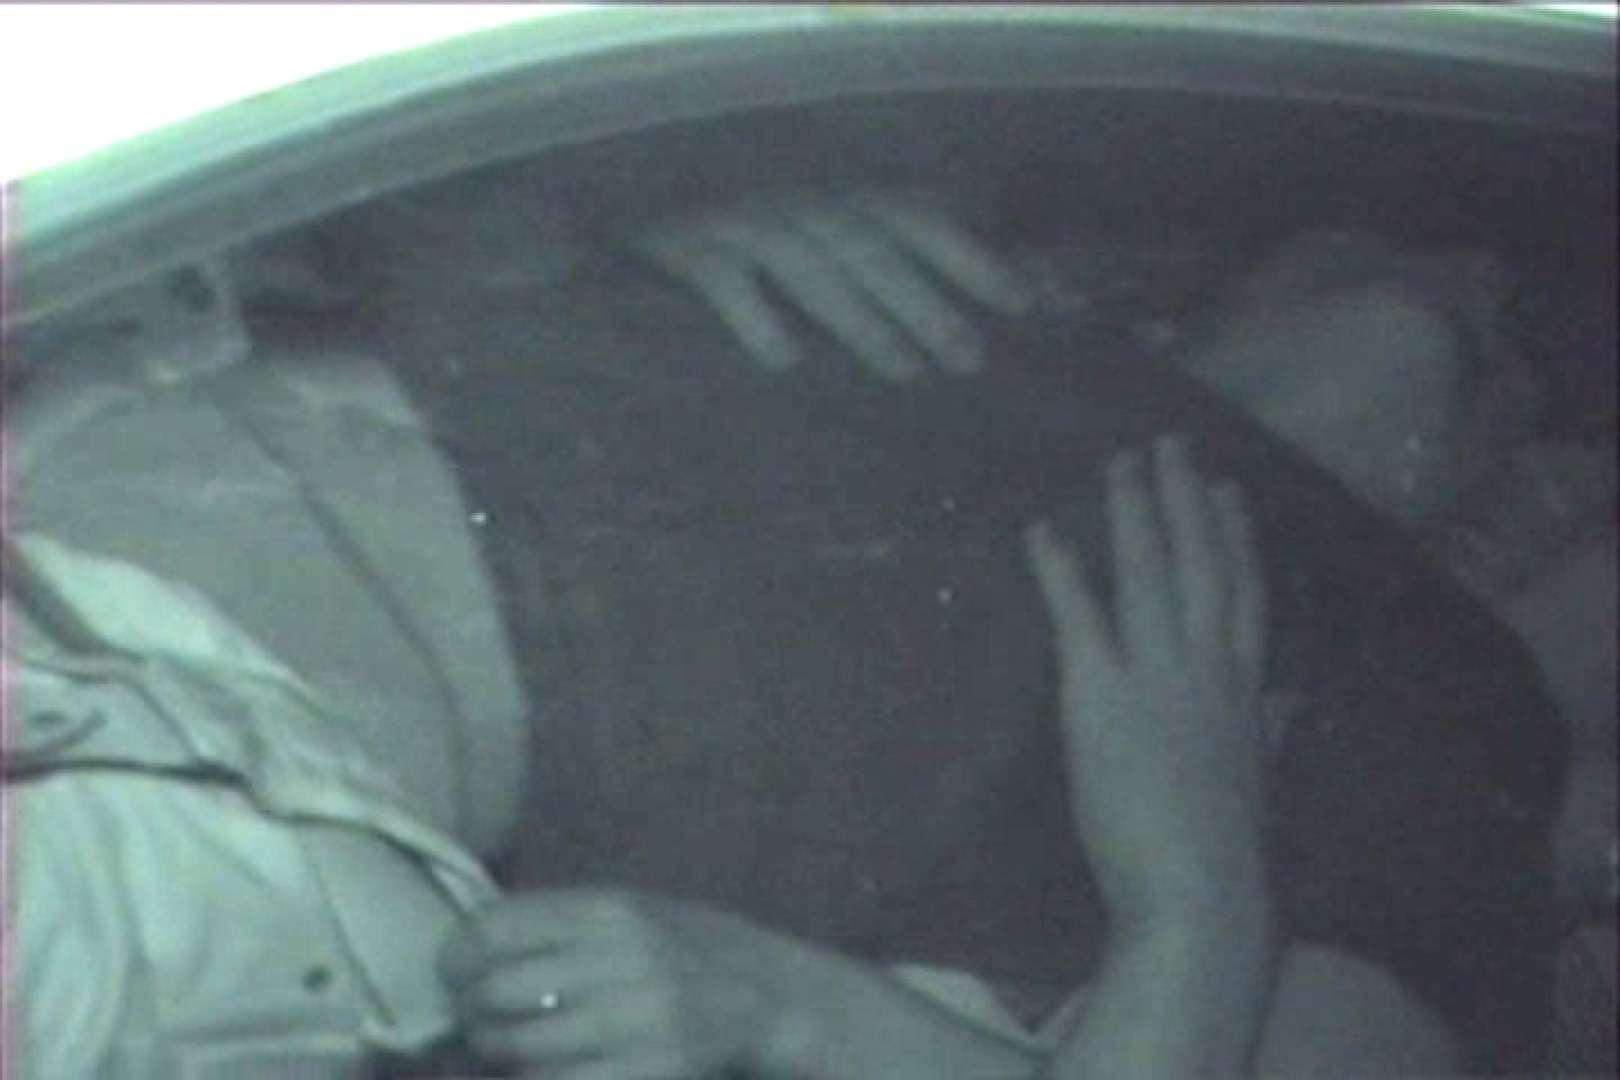 車の中はラブホテル 無修正版  Vol.18 ラブホテル隠し撮り  100pic 84